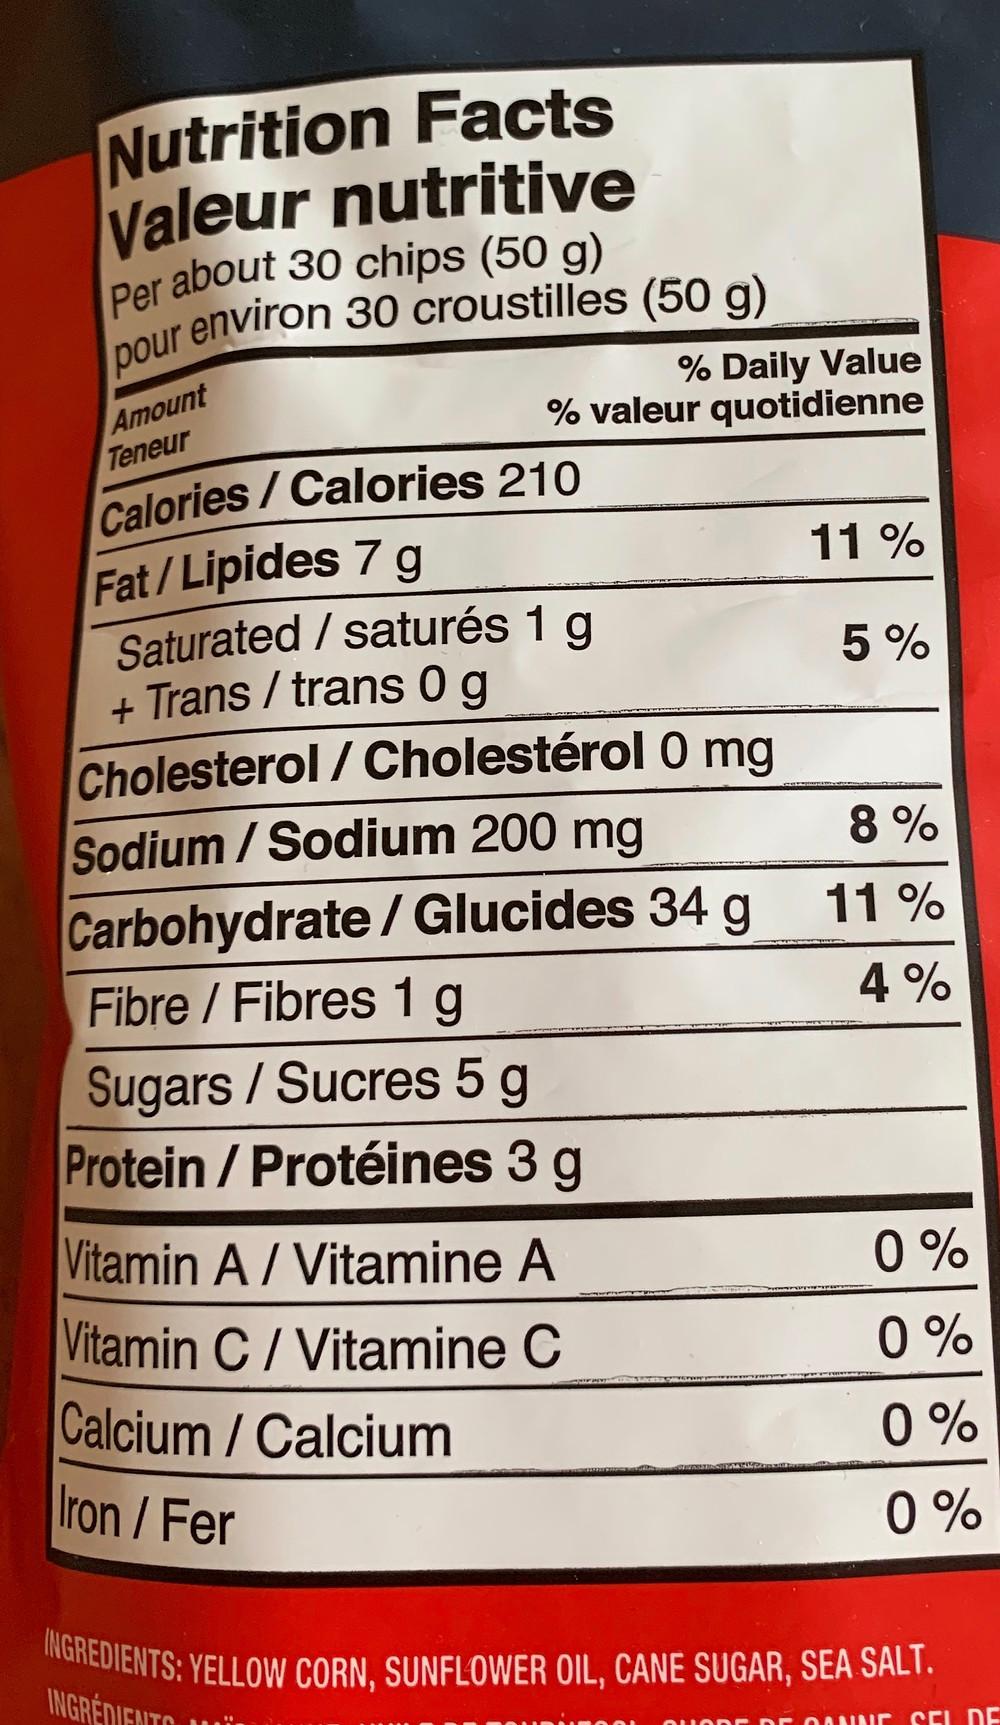 Costco POPCORNERS Sweet & Salty Kettle Corn Nutrition